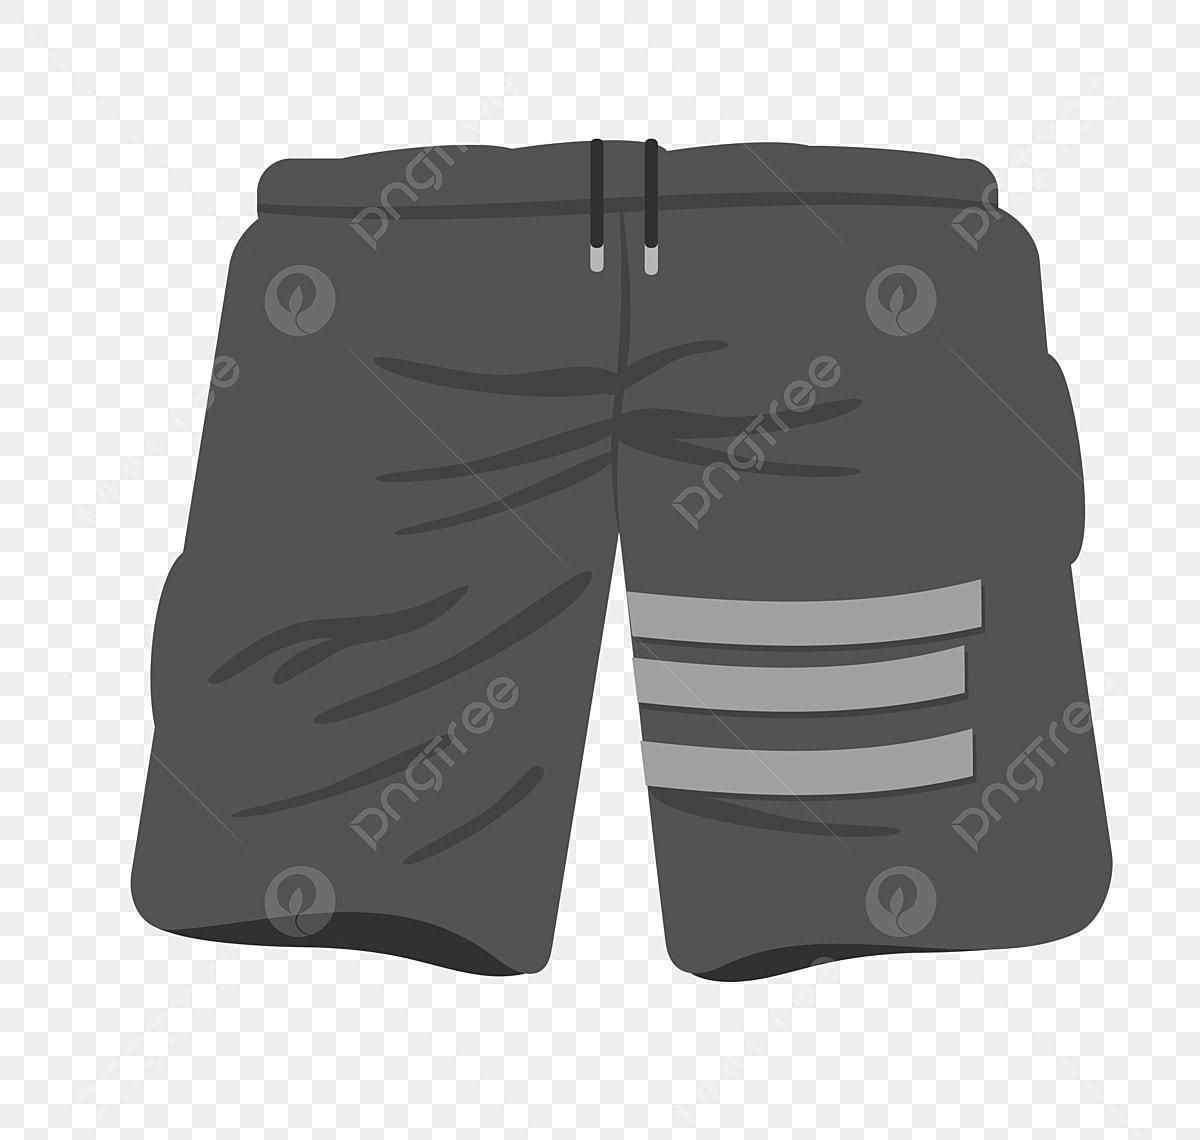 Verano Pantalones Cortos Hombres Ilustracion Imagenes Predisenadas De Pantalones Cortos Verano Pantalones Cortos Png Y Psd Para Descargar Gratis Pngtree